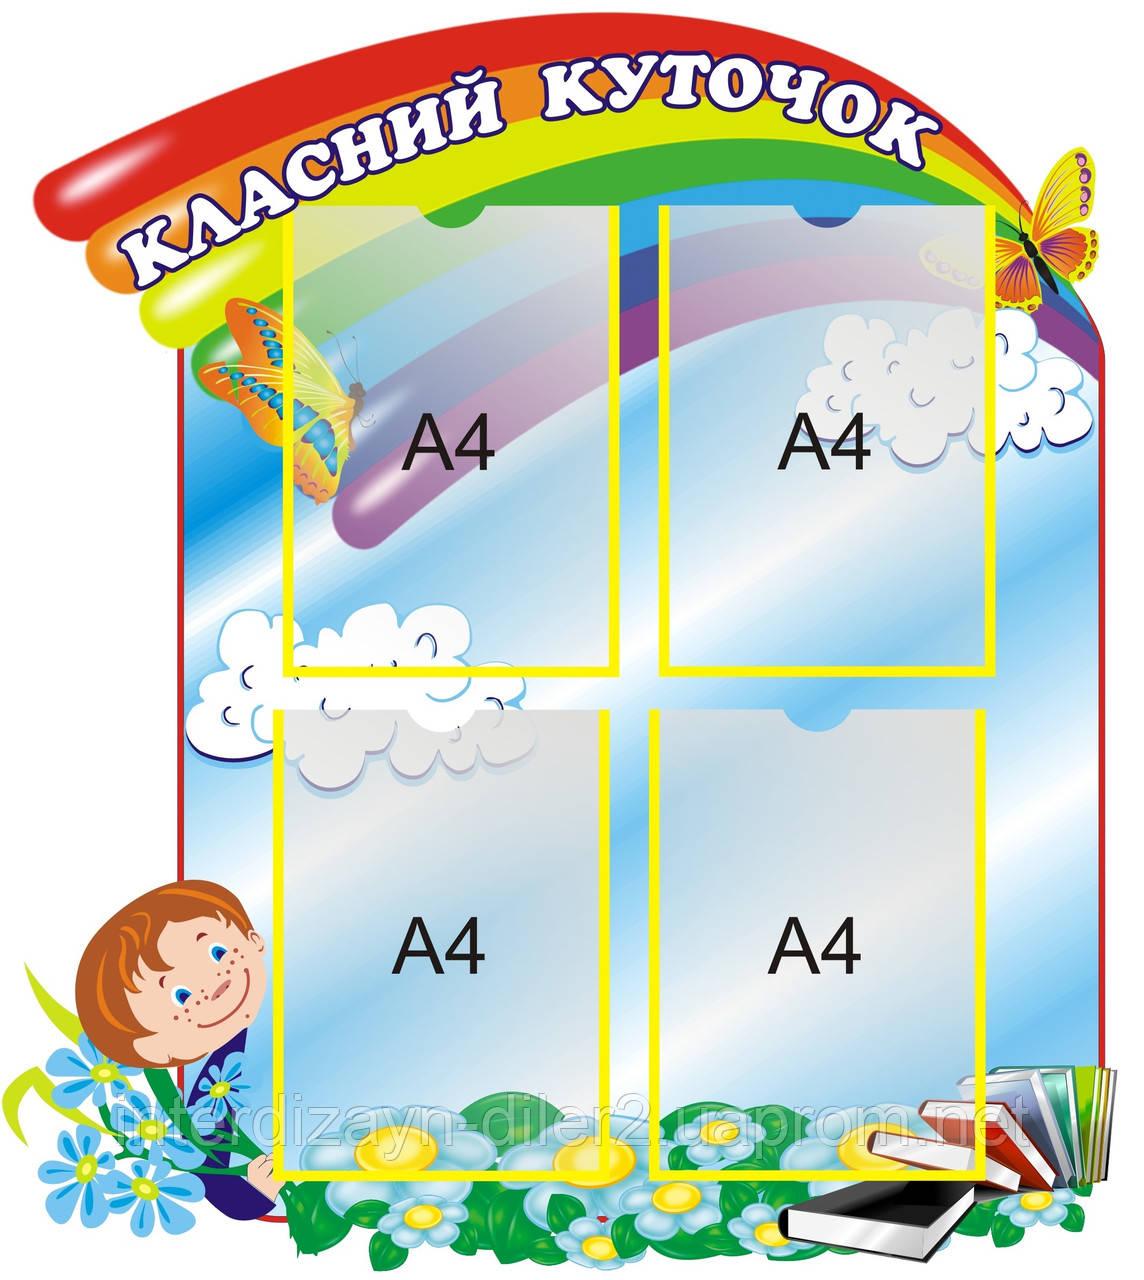 """Стенд """"Класний куточок"""" на українській мові для молодших класів"""